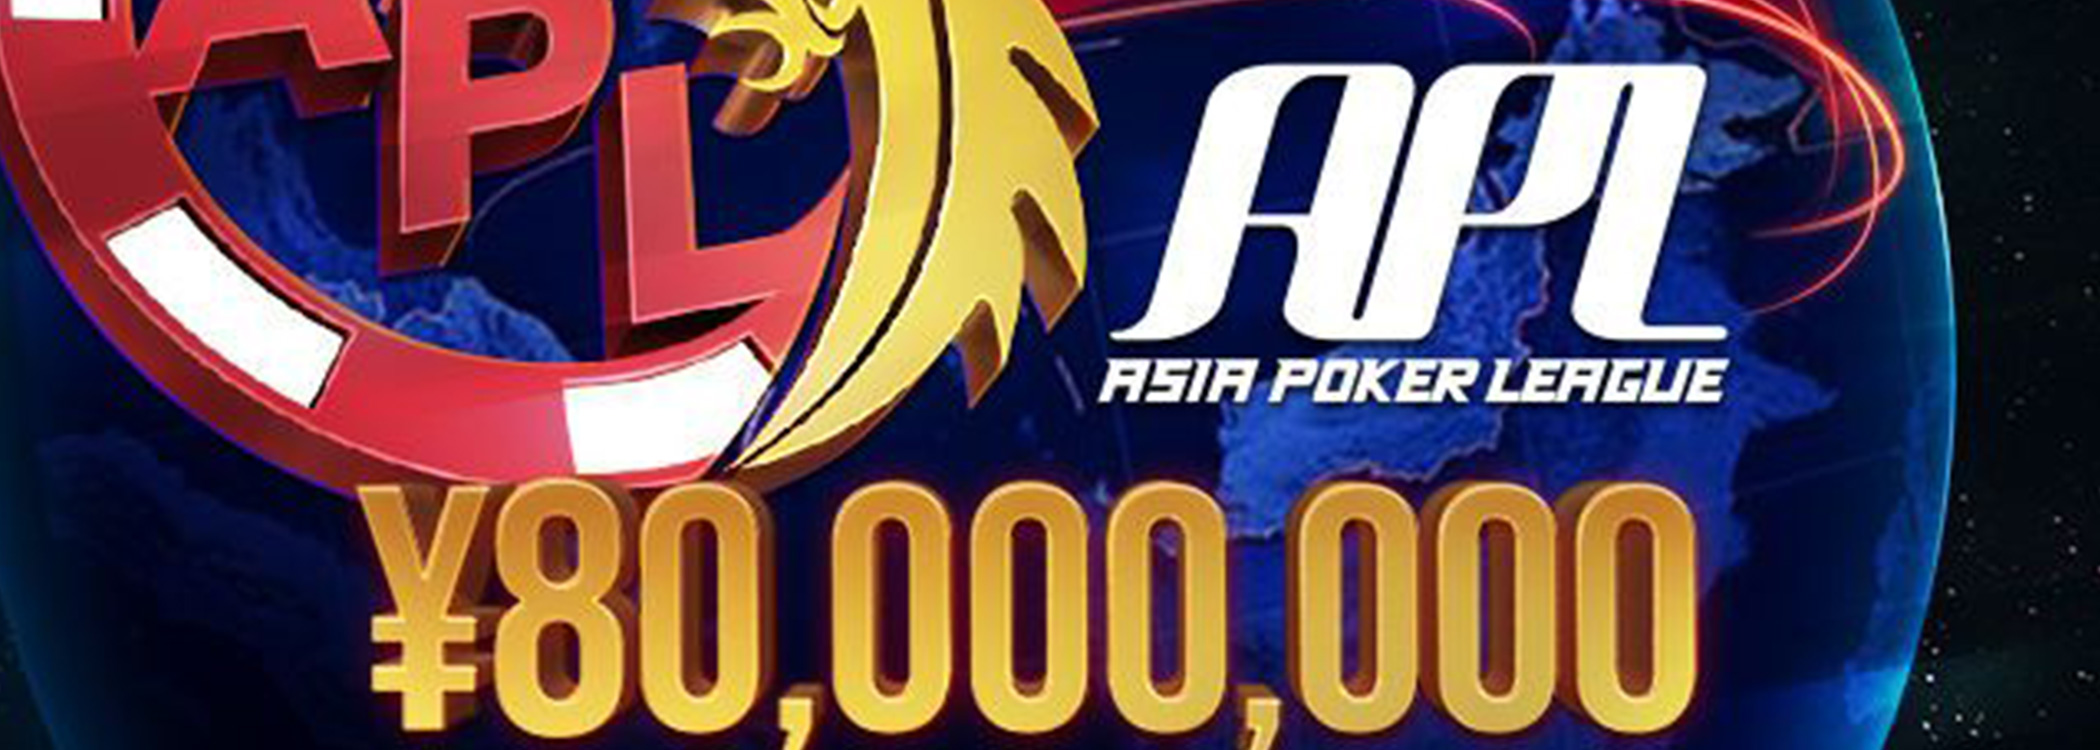 Большая серия Asian Poker League GGpokerok.